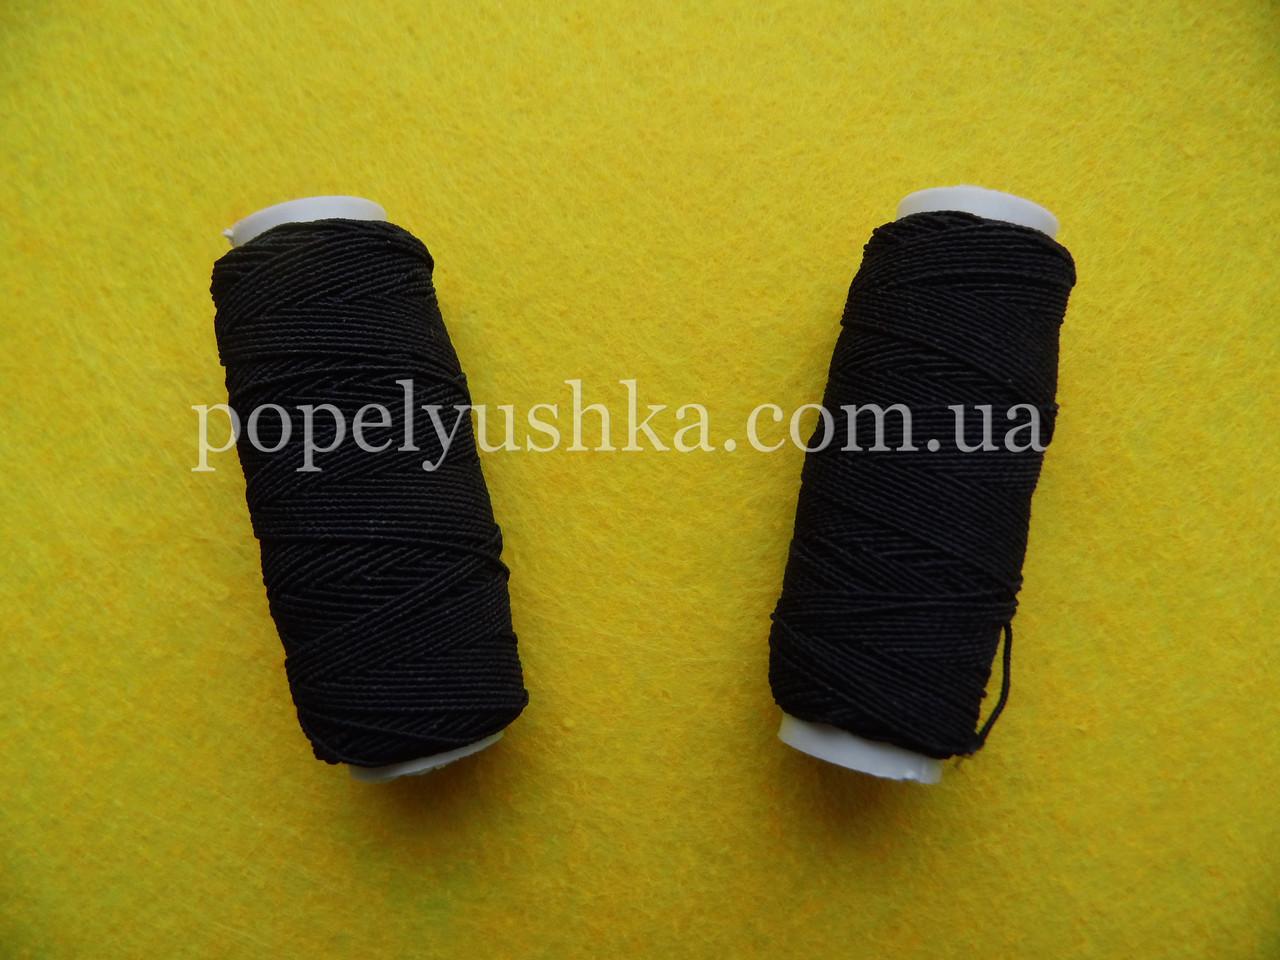 Нитка-резинка чорна